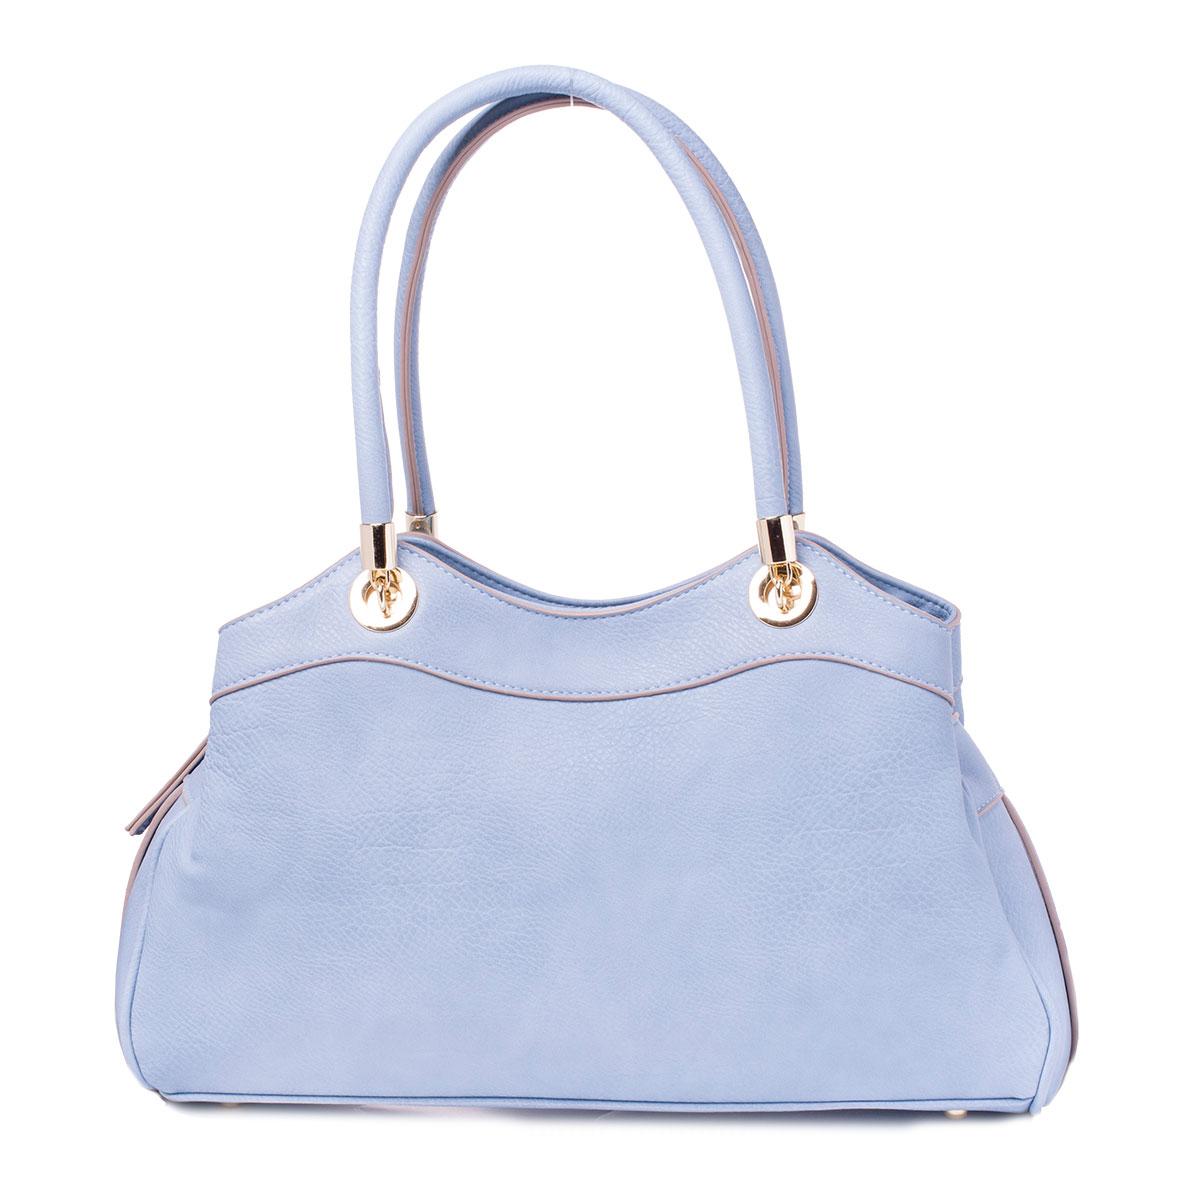 Сумка женская Baggini, цвет: голубой, аква. 29736/4029736/40Сумка жен., иск. кожа